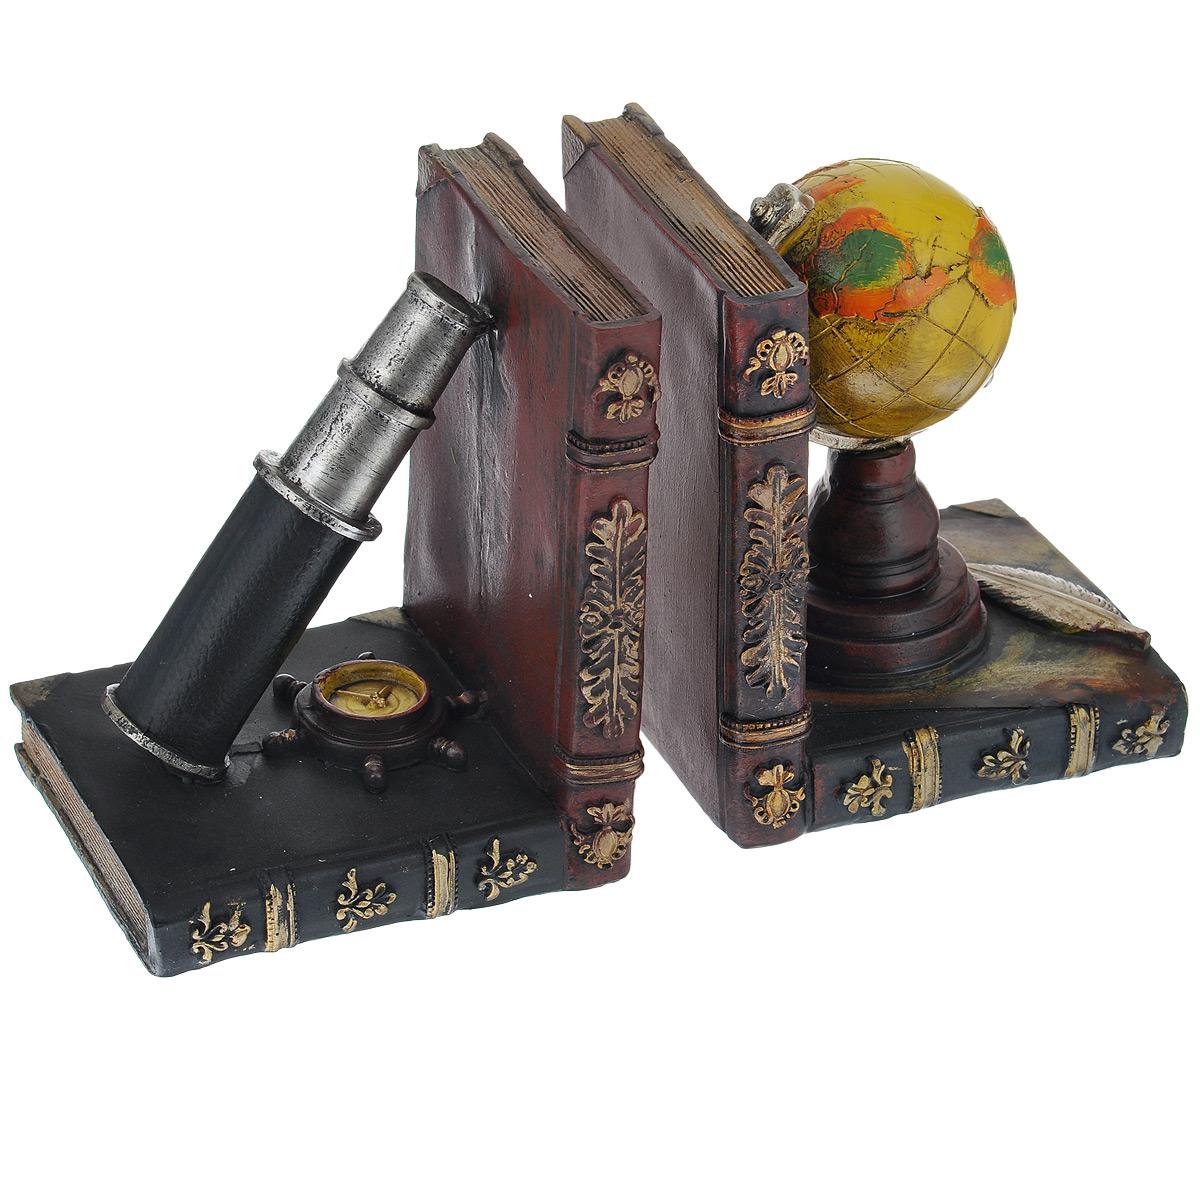 Подставка-ограничитель для книг Навигация, 2 шт36122Подставка-ограничитель для книг Навигация изготовлена из полирезины. В комплект входит два ограничителя. Изделия выполнены в виде глобуса и подзорной трубы, стоящие на постаменте из книг. Между ограничителями можно поместить неограниченное количество книг. Подставка-ограничитель для книг Навигация  - это не только подставка для книг, но и интересный элемент декора, который ярко дополнит интерьер помещения. Размер подставки-ограничителя: 12,5 см х 10,5 см х 15,5 см. Комплектация: 2 шт.